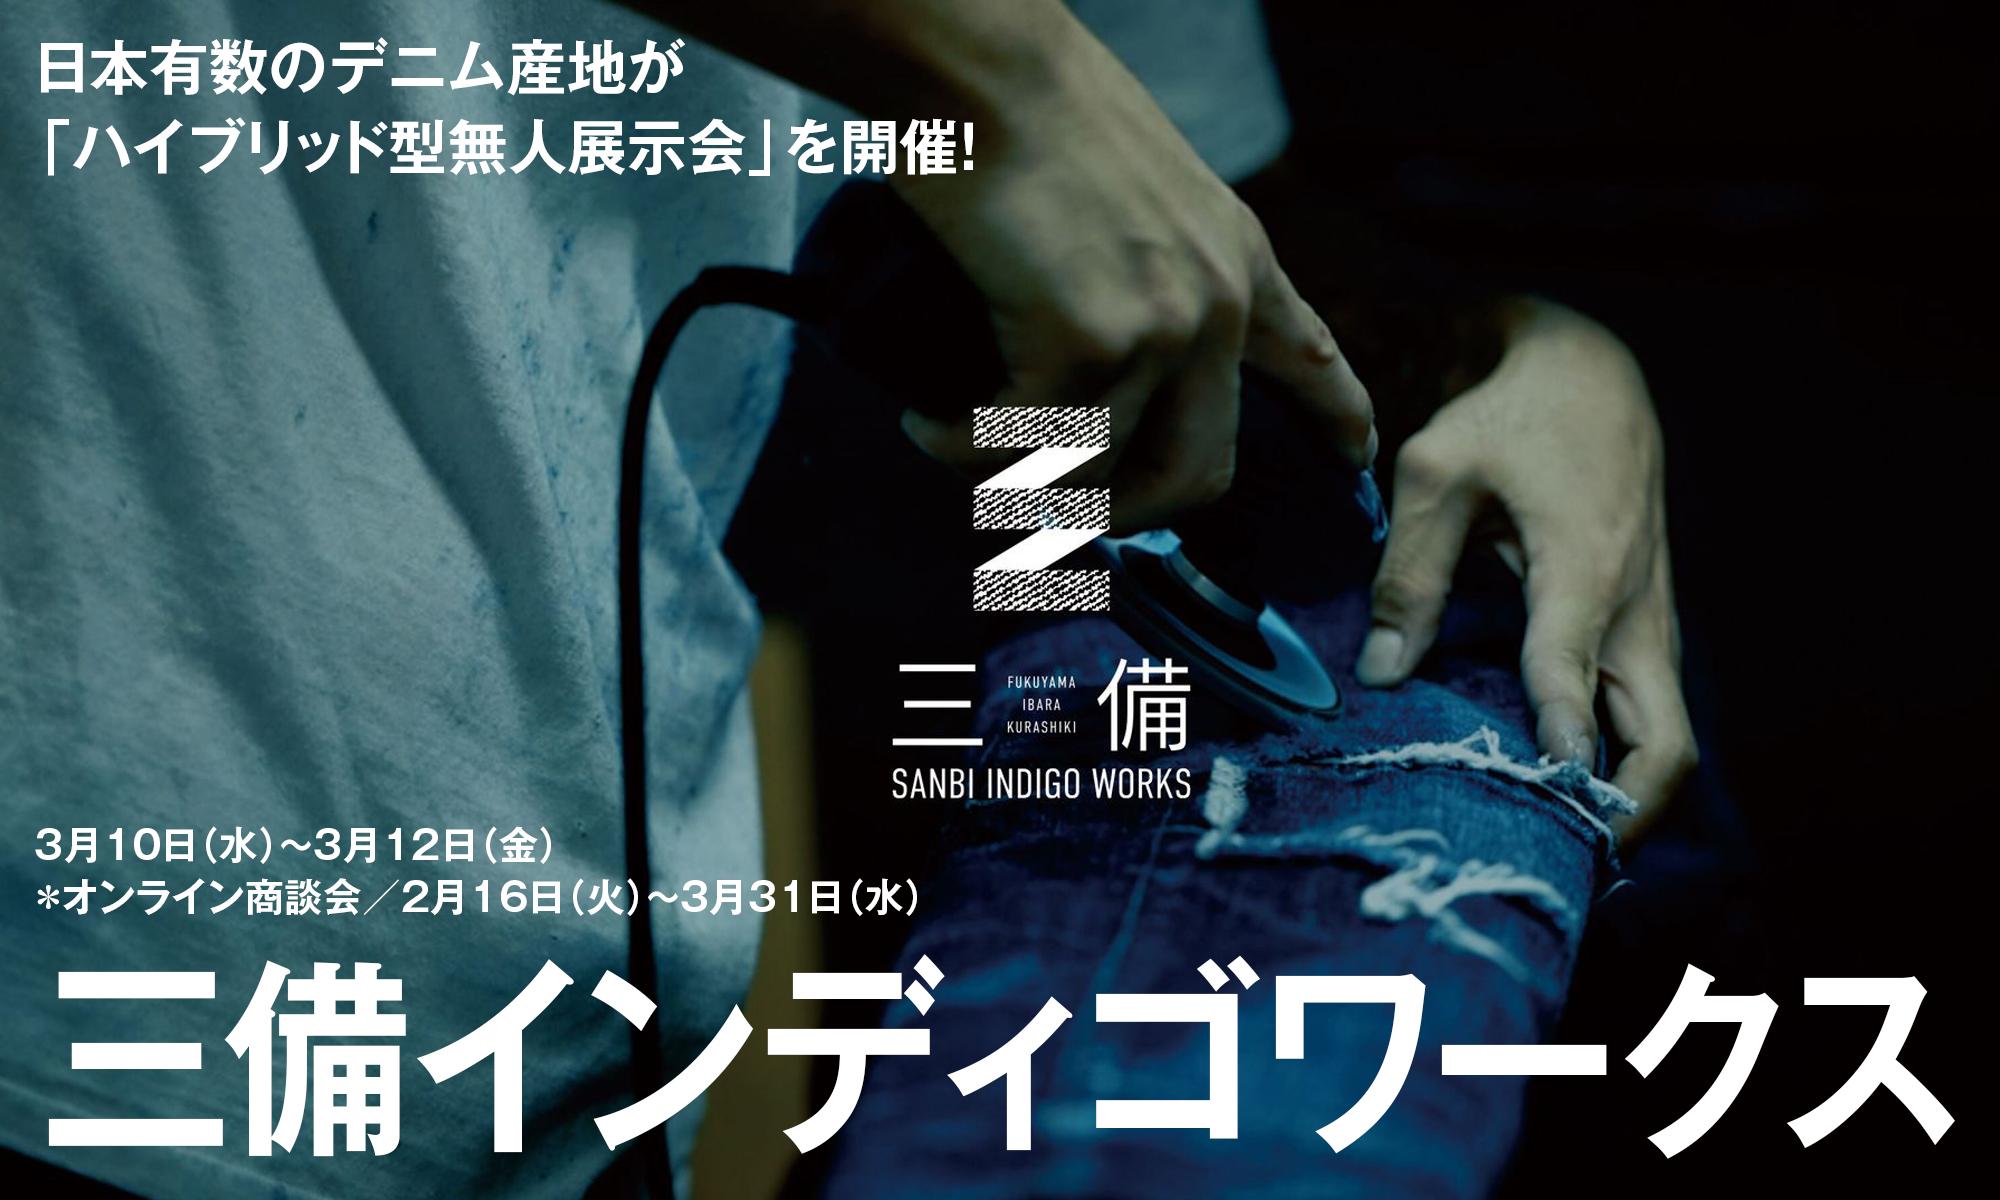 日本有数のデニム産地が「ハイブリッド型無人展示会」を開催!  -三備インディゴワークス-